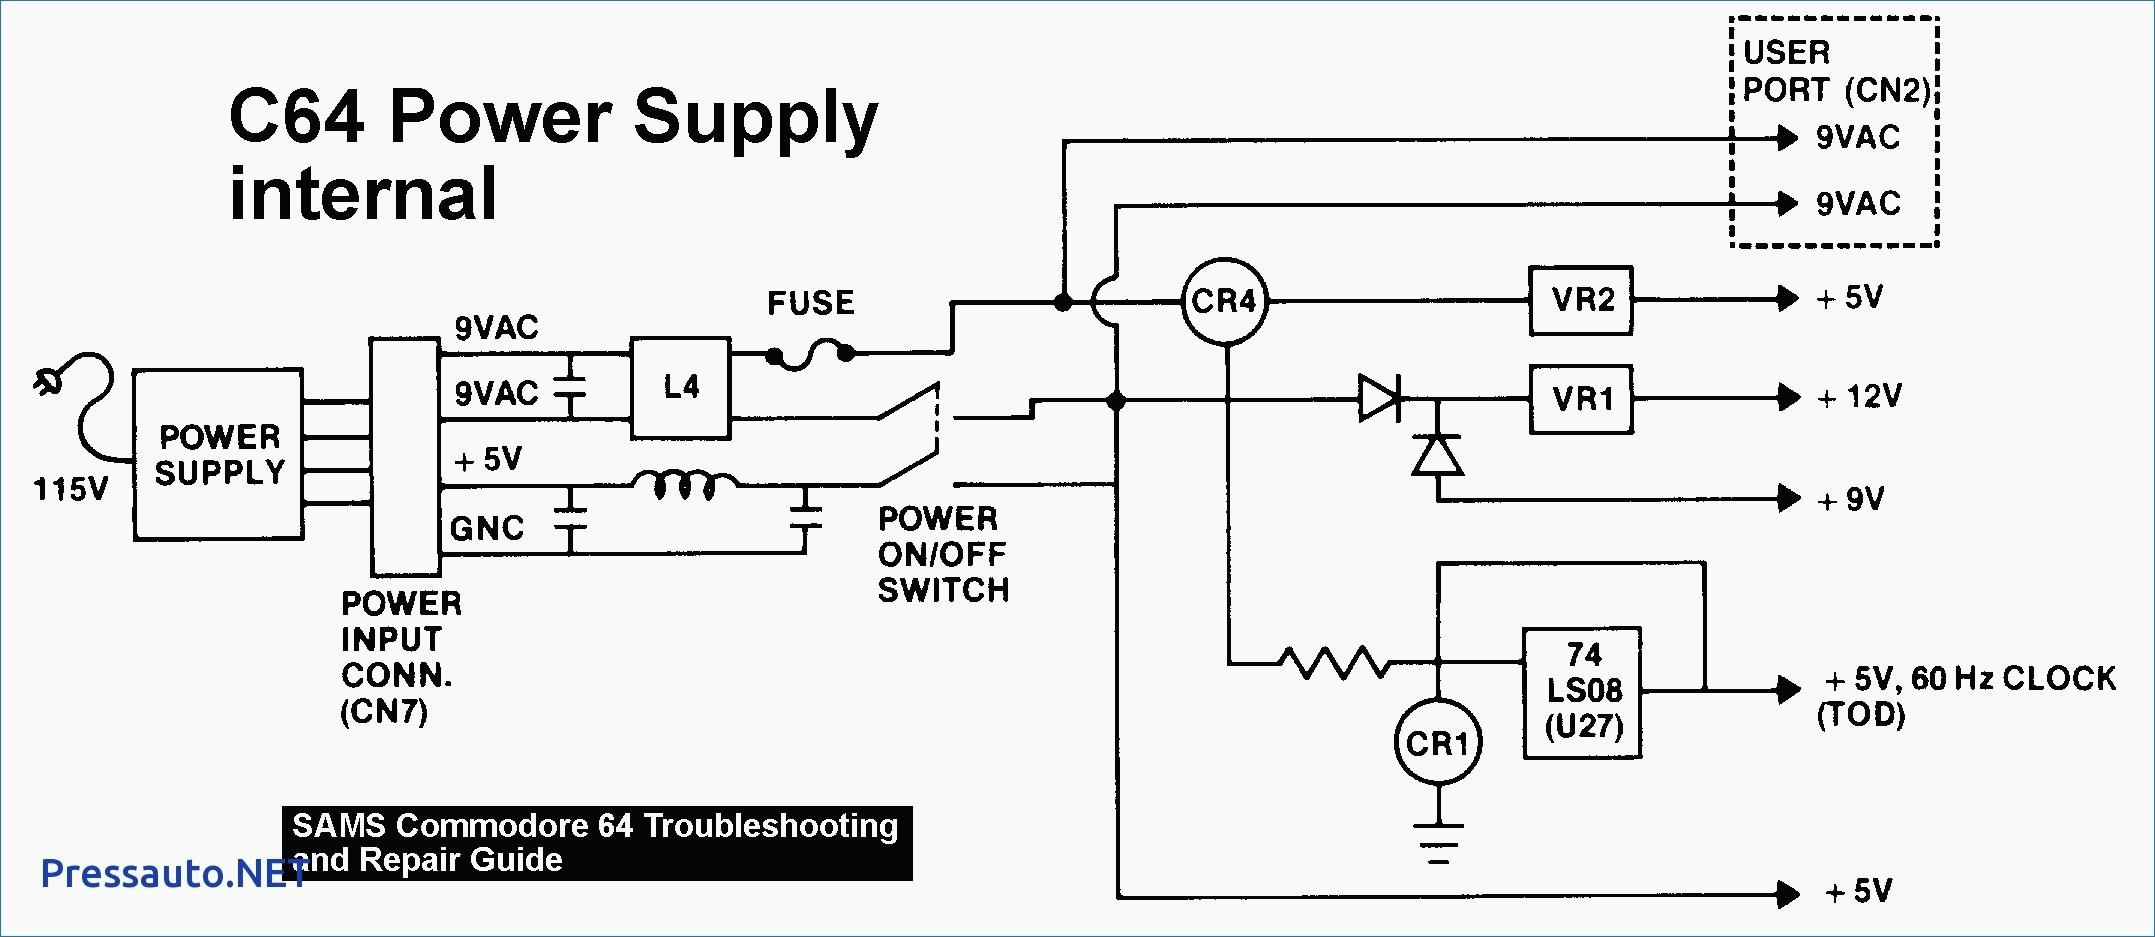 1000w Dell Power Supply Wiring Diagram - 2 Switch Wiring Diagram On Motor -  bathroom-vents.corolla.waystar.frWiring Diagram Resource